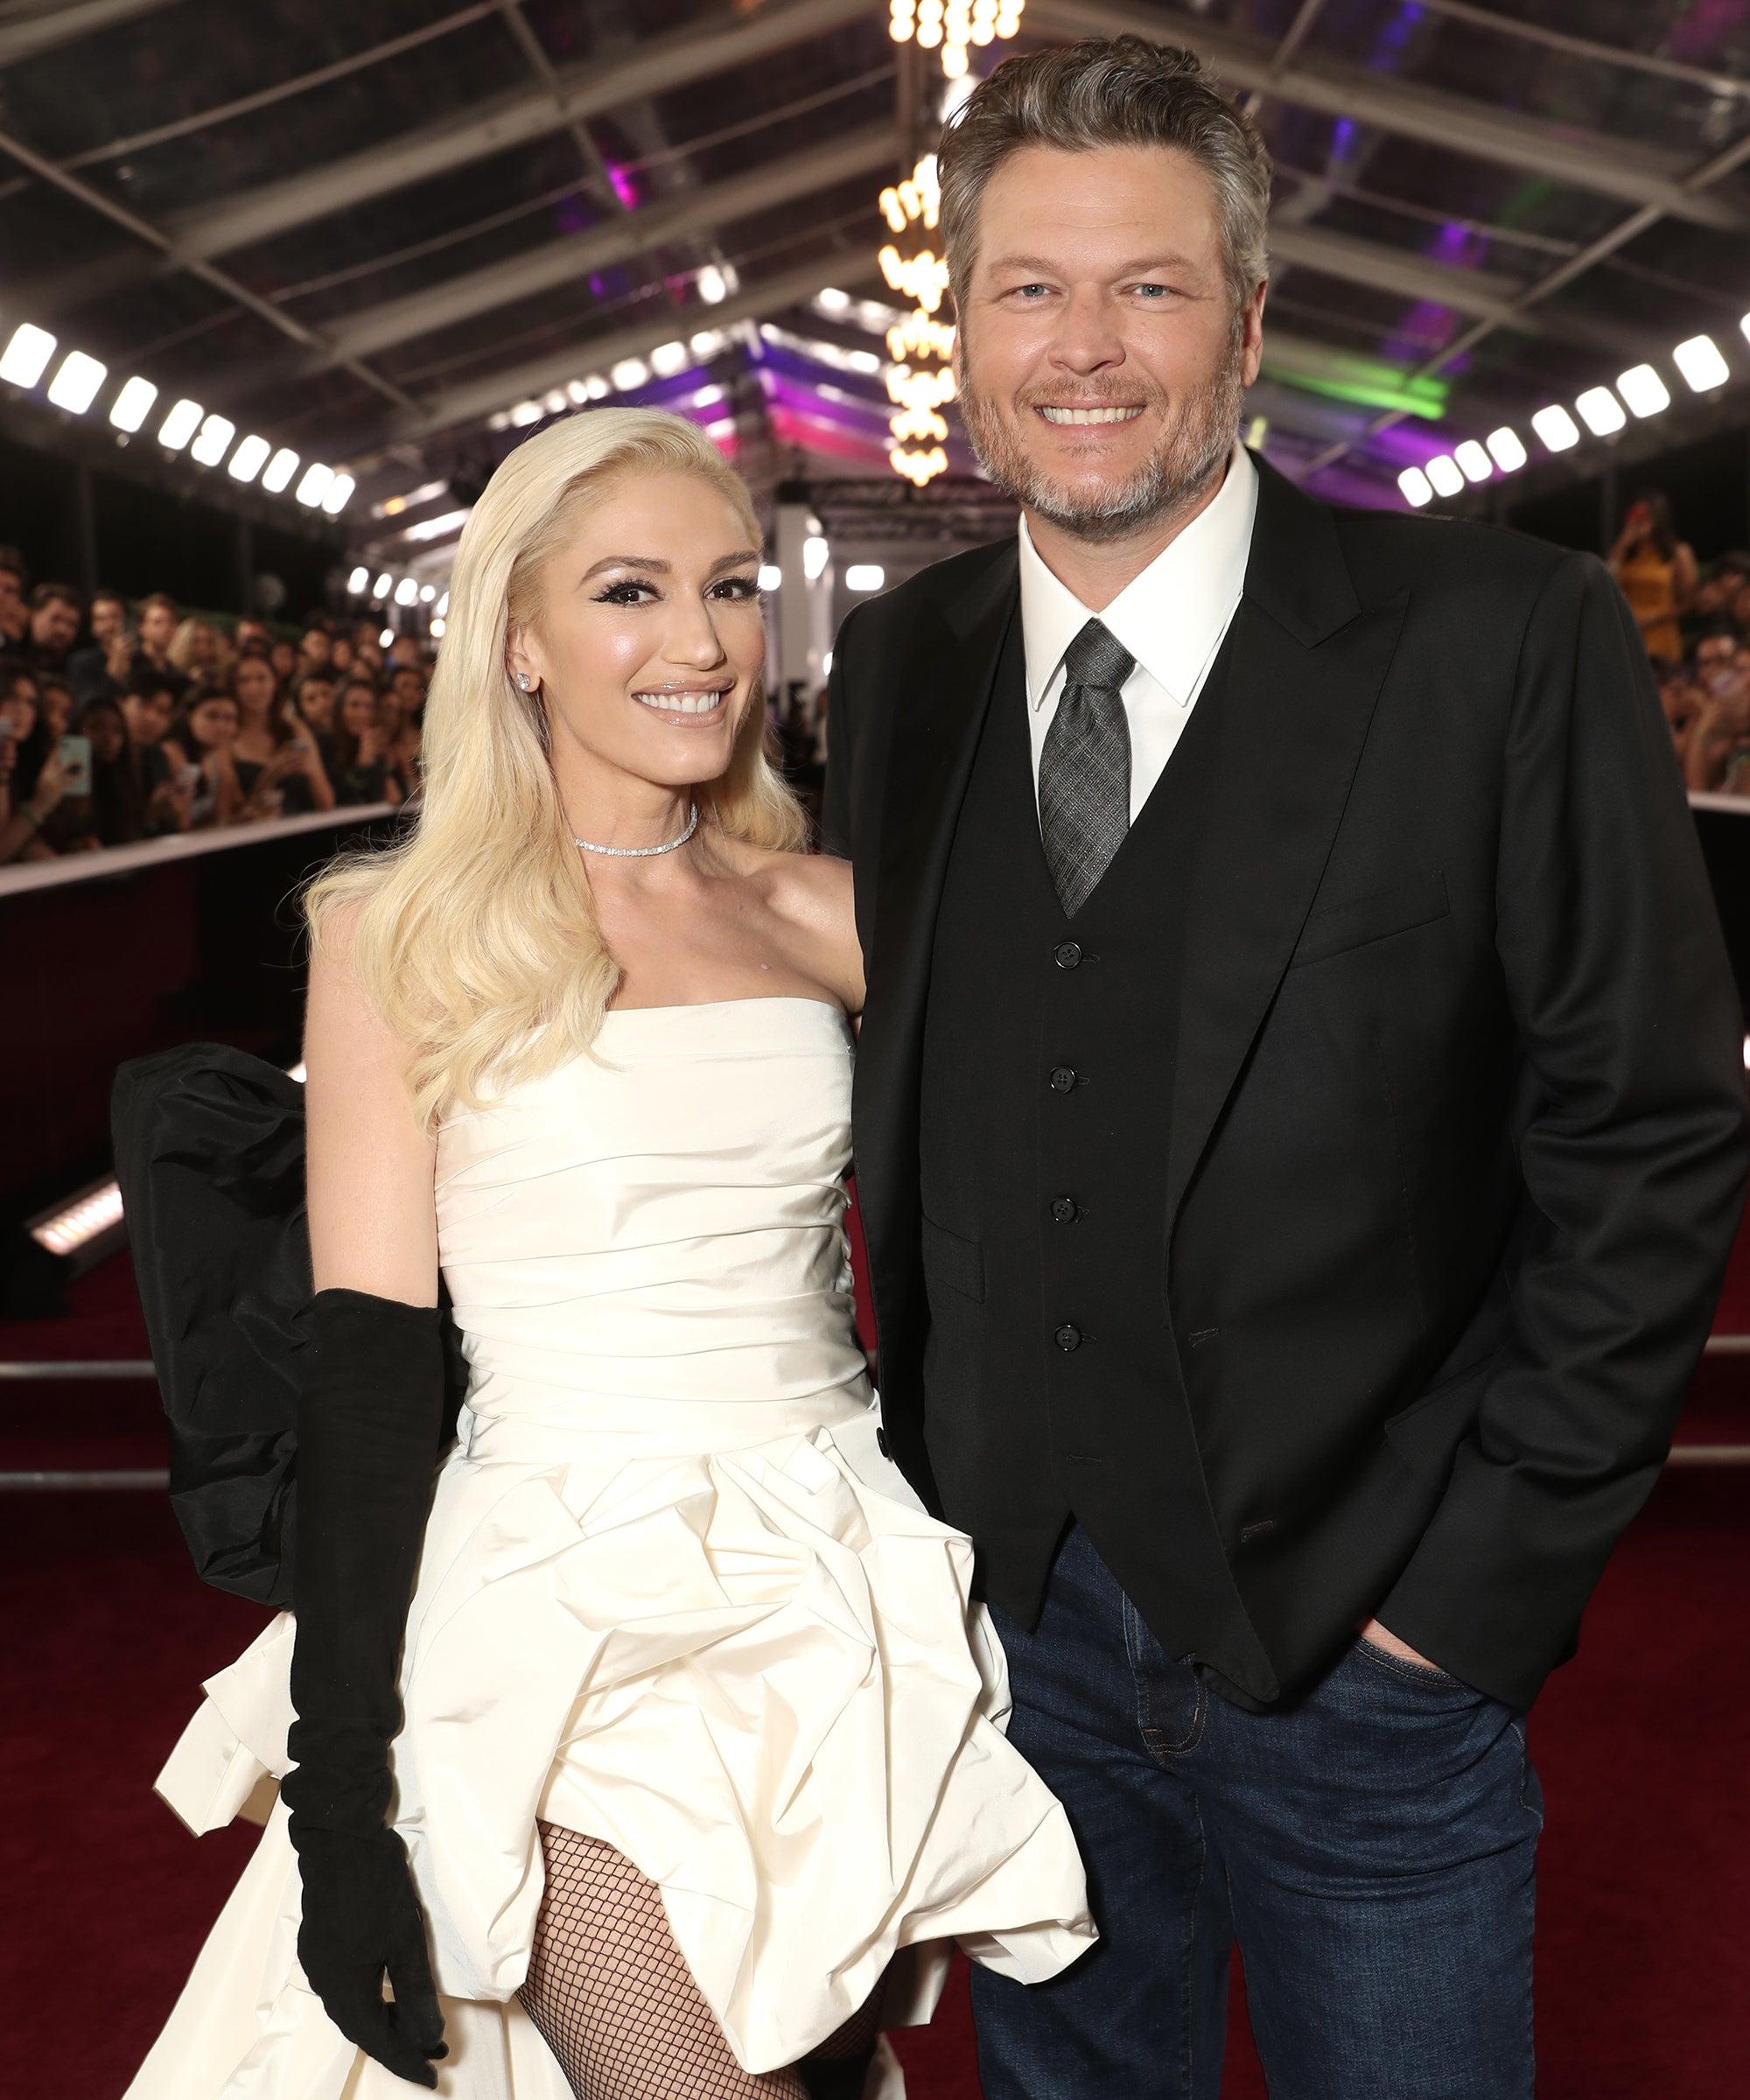 Blake Shelton Says Dating Gwen Stefani Made Him Less Of A Jerk